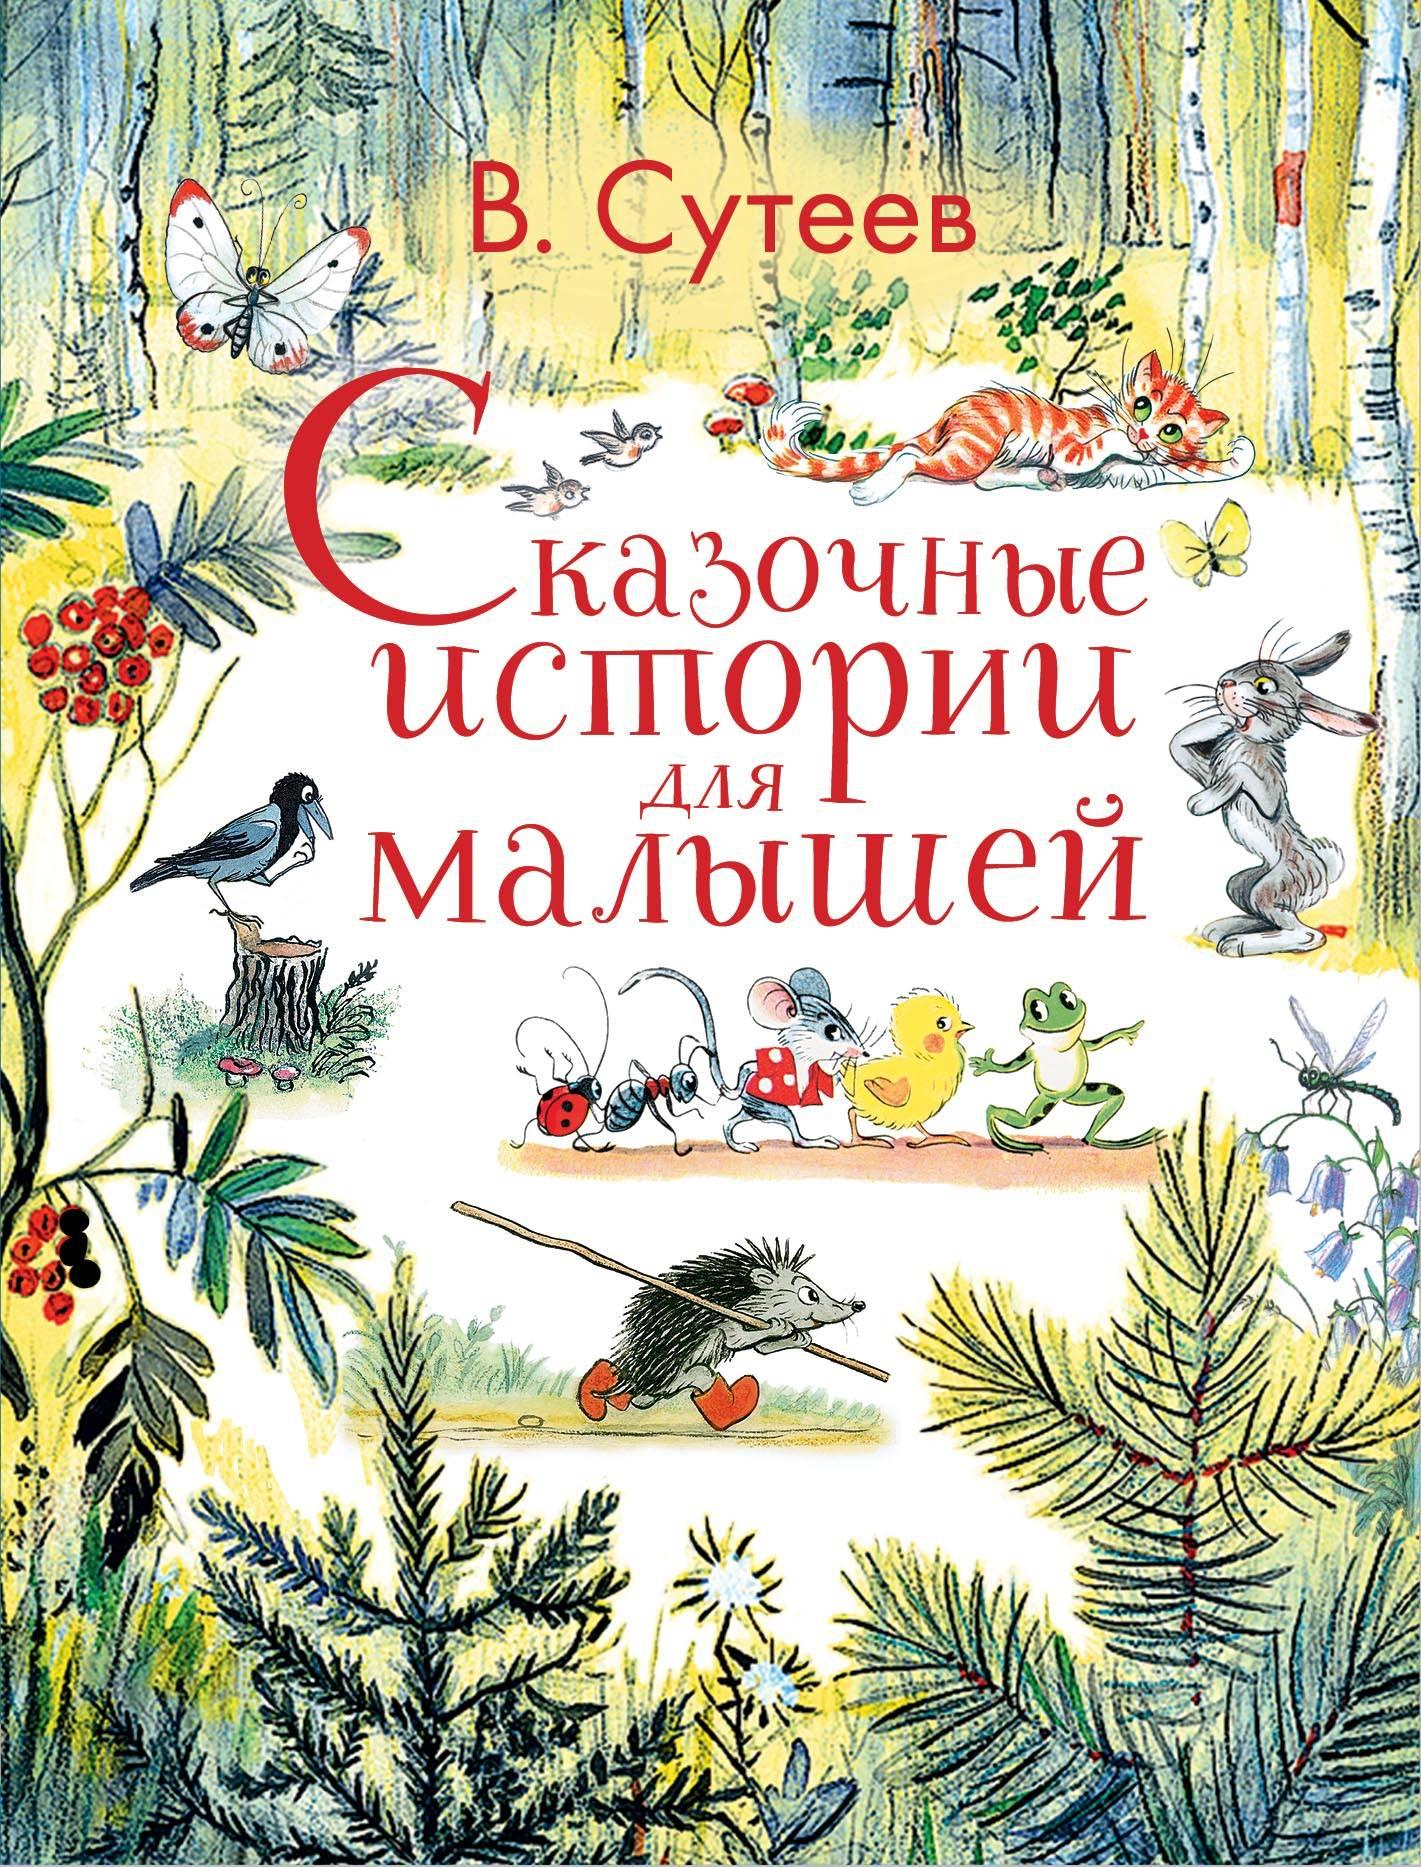 В. Сутеев Сказочные истории для малышей сказочные истории сутеев в г